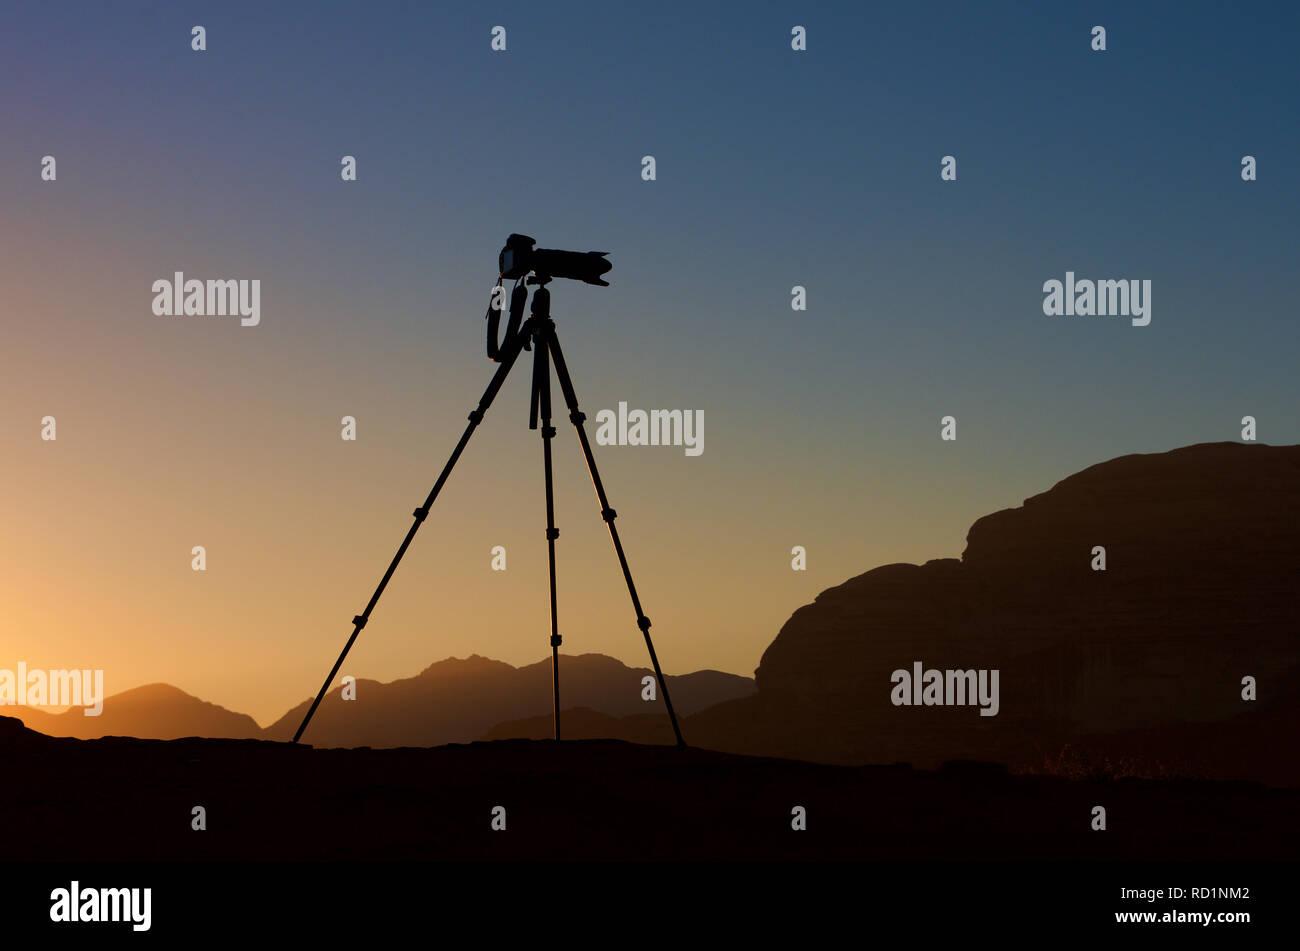 Silhouette di una telecamera su un treppiede di sunrise, Giordania Immagini Stock